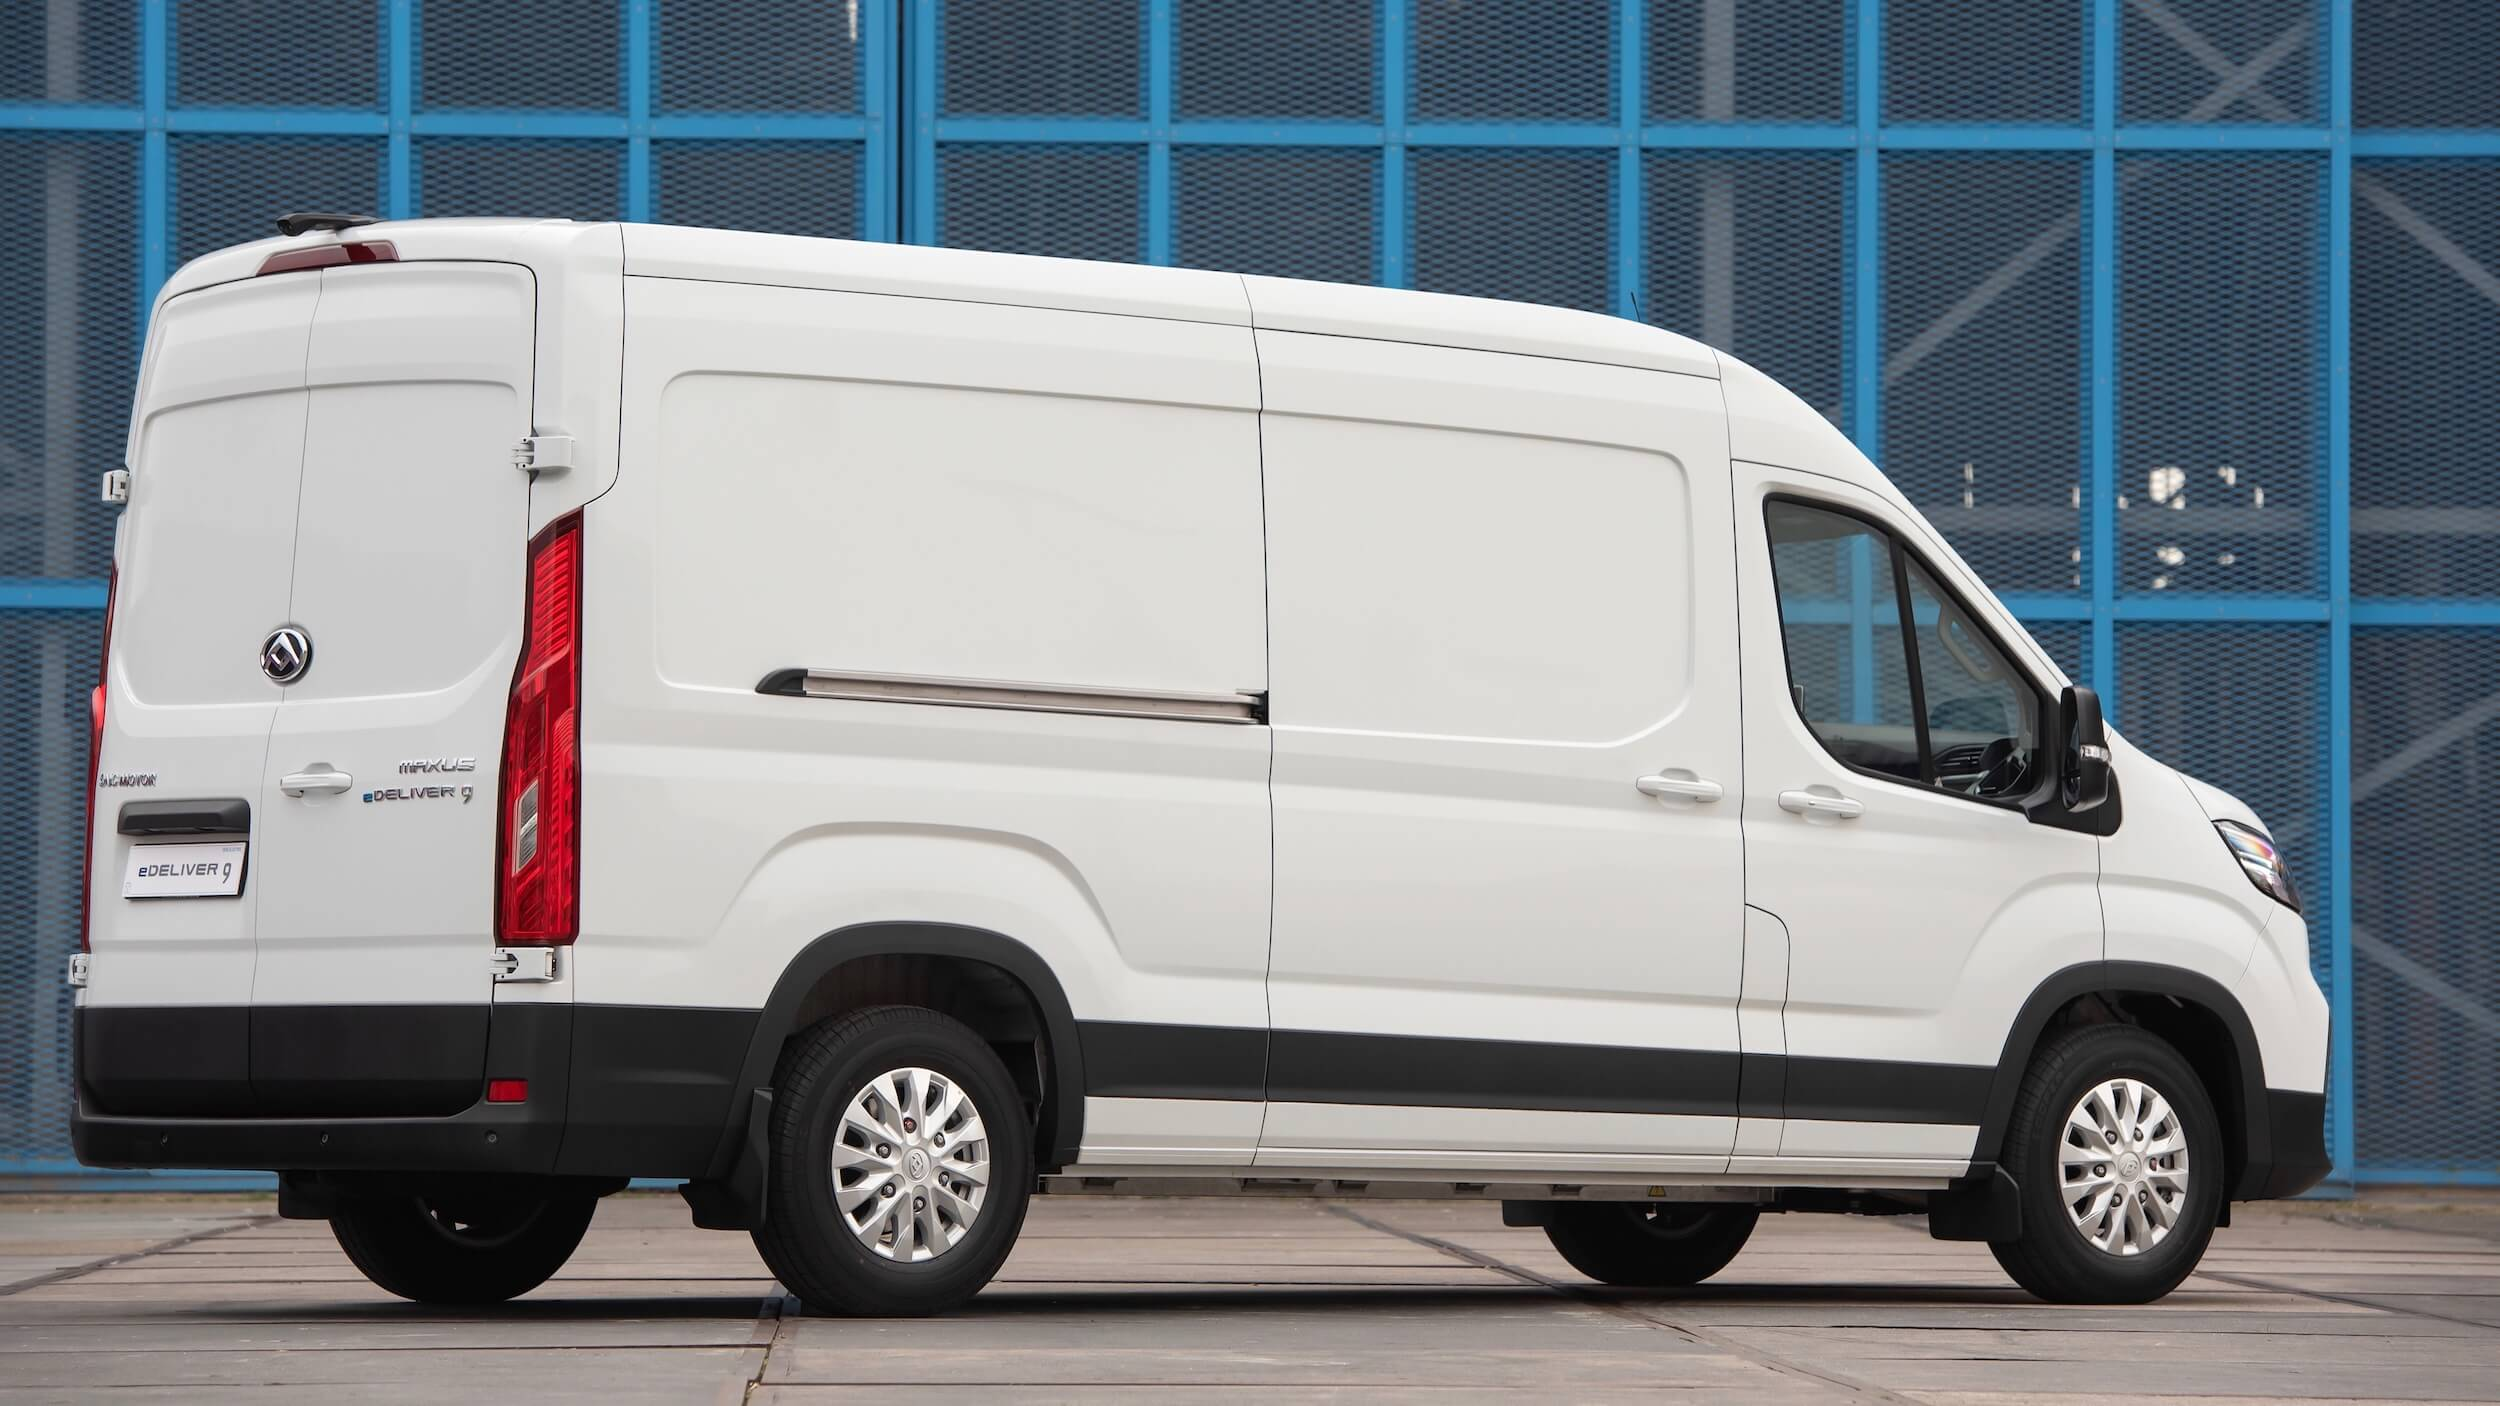 Maxus eDeliver 9 elektrische bestelwagen